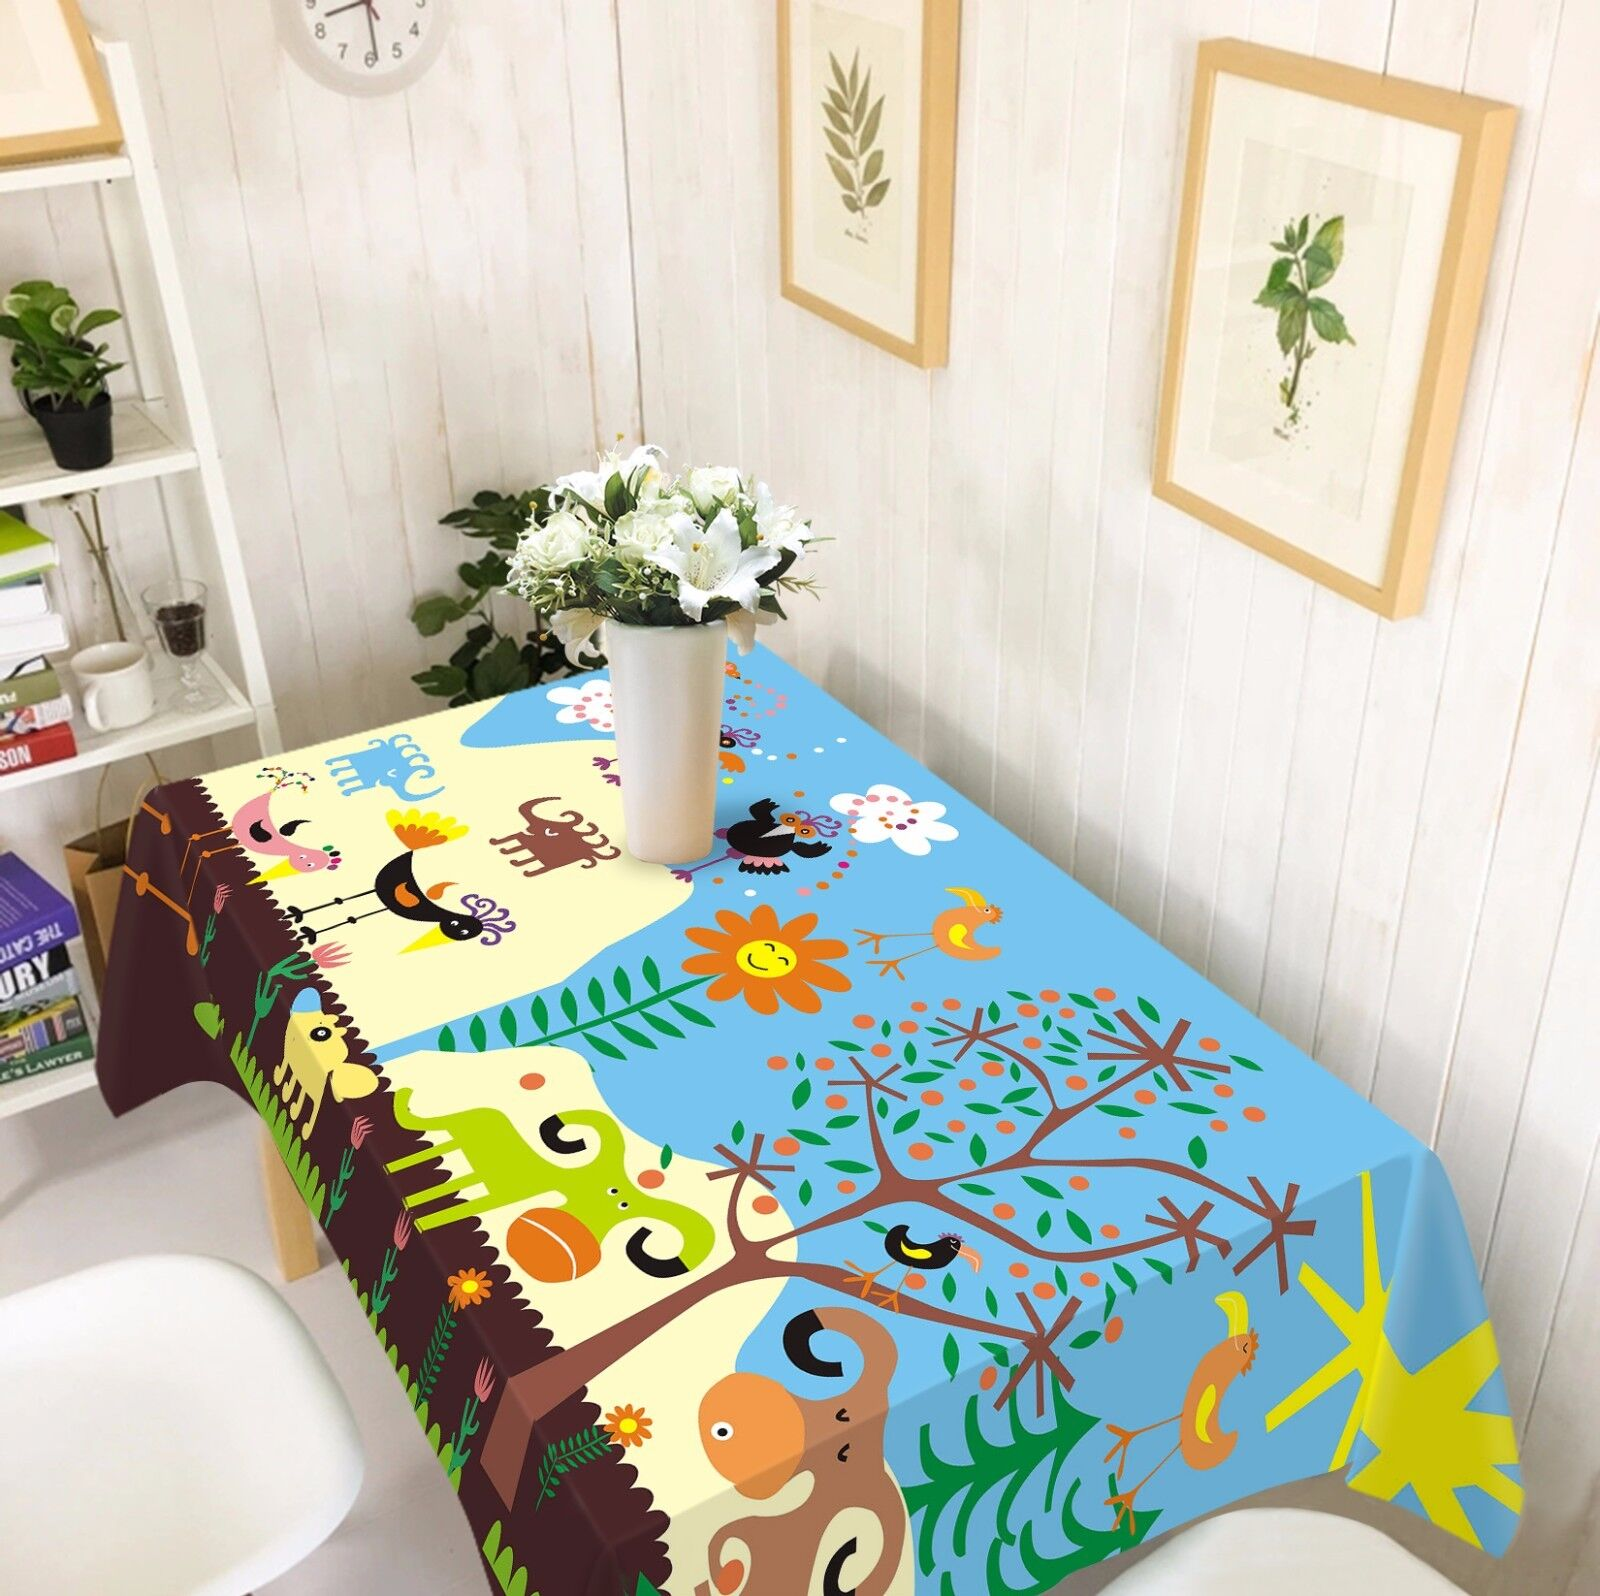 3D CARICATURE 47 Nappe Table Cover Cloth fête d'anniversaire AJ papier peint Royaume-Uni Citron